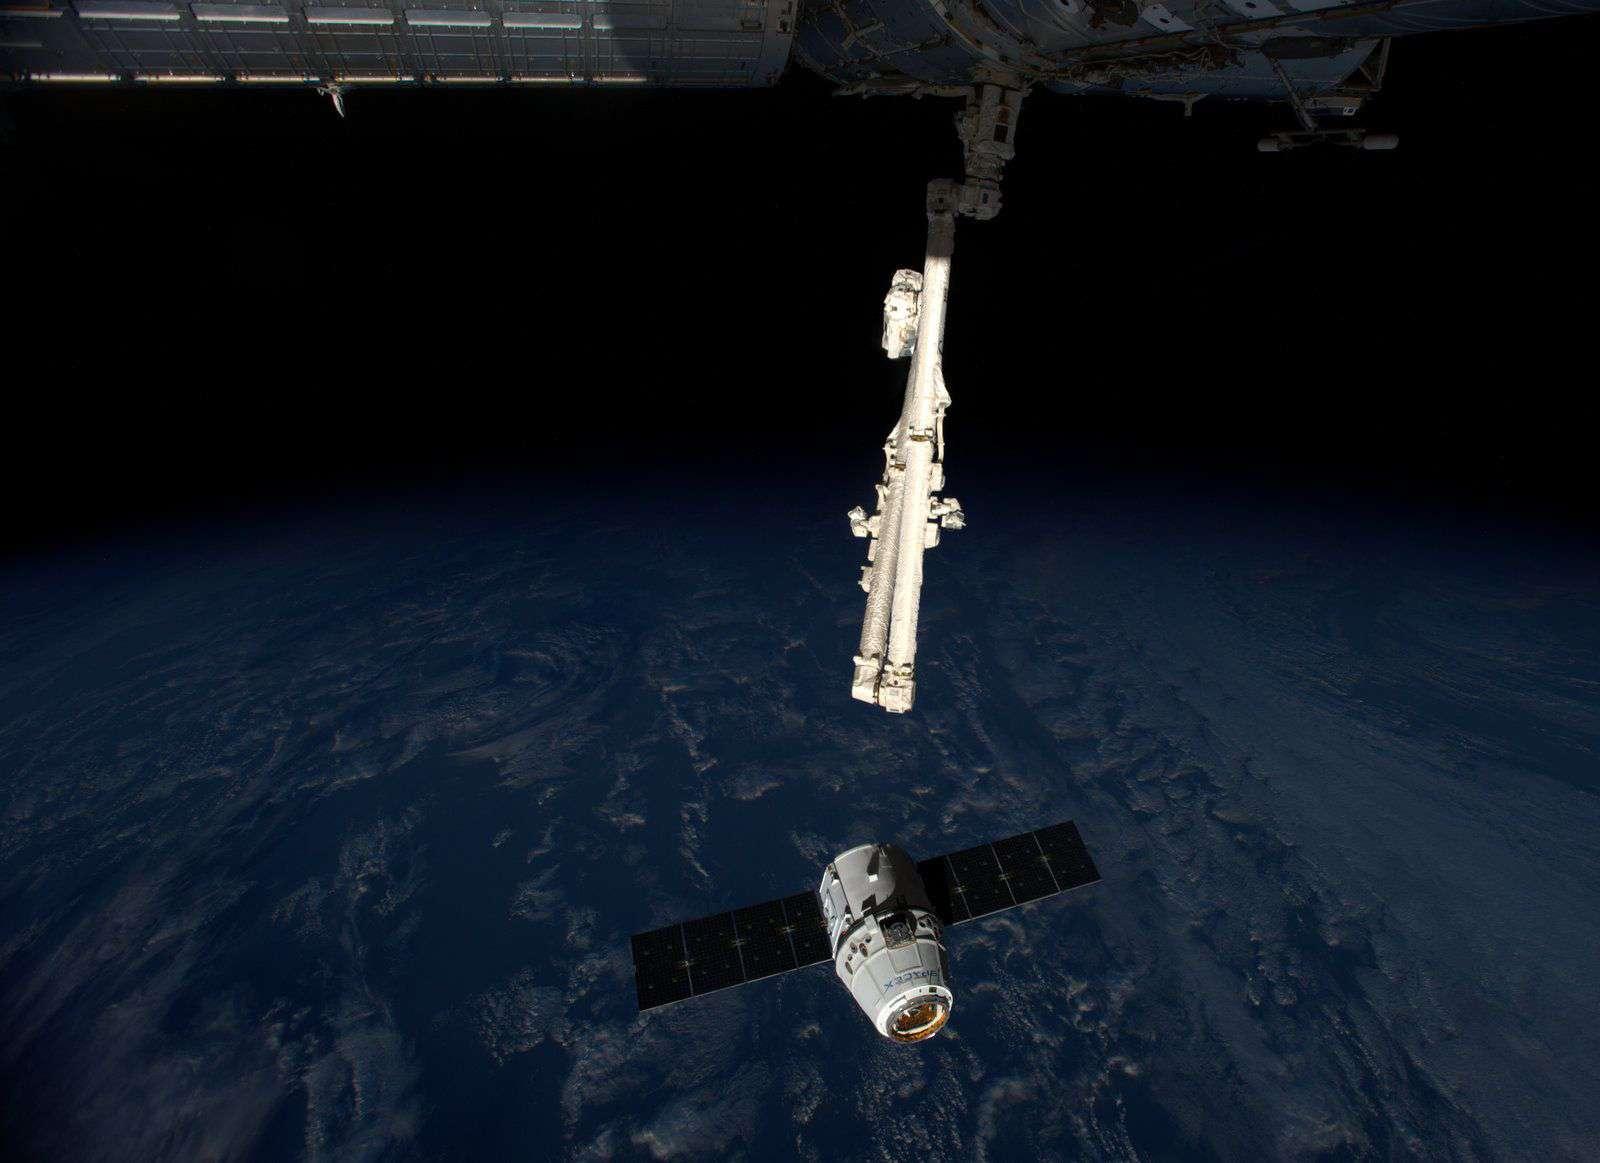 SpaceX ya ha realizado cuatro misiones de abastecimiento de las doce que acordó con la NASA en un contrato de 1,600 millones de dólares. Foto: ESA